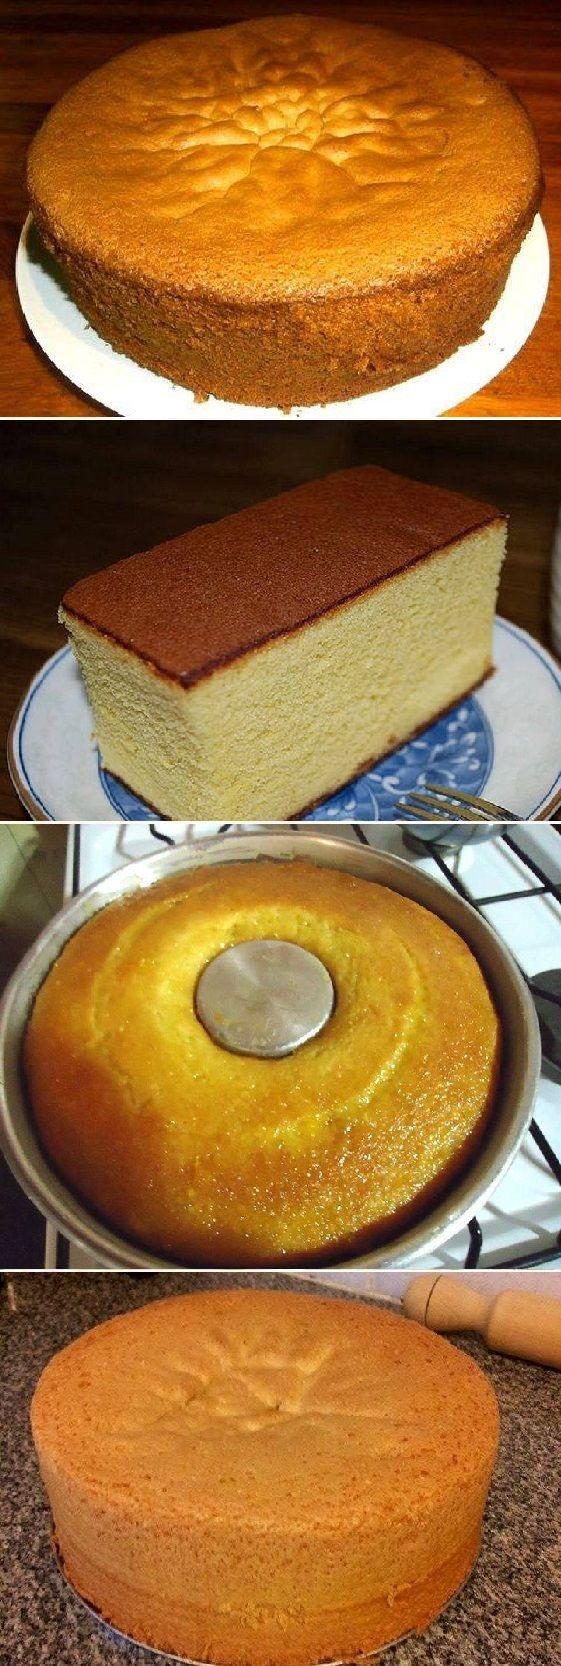 Quieres aprender a hacer el BIZCOCHO PERFECTO.  #receta #recipe #casero #torta #tartas #pastel #nestlecocina #bizcocho #bizcochuelo #tasty #cocina #chocolate #pan #panes Se lleva a un horno preferentemente entre suave y moderado 170º o 180º para que el b...